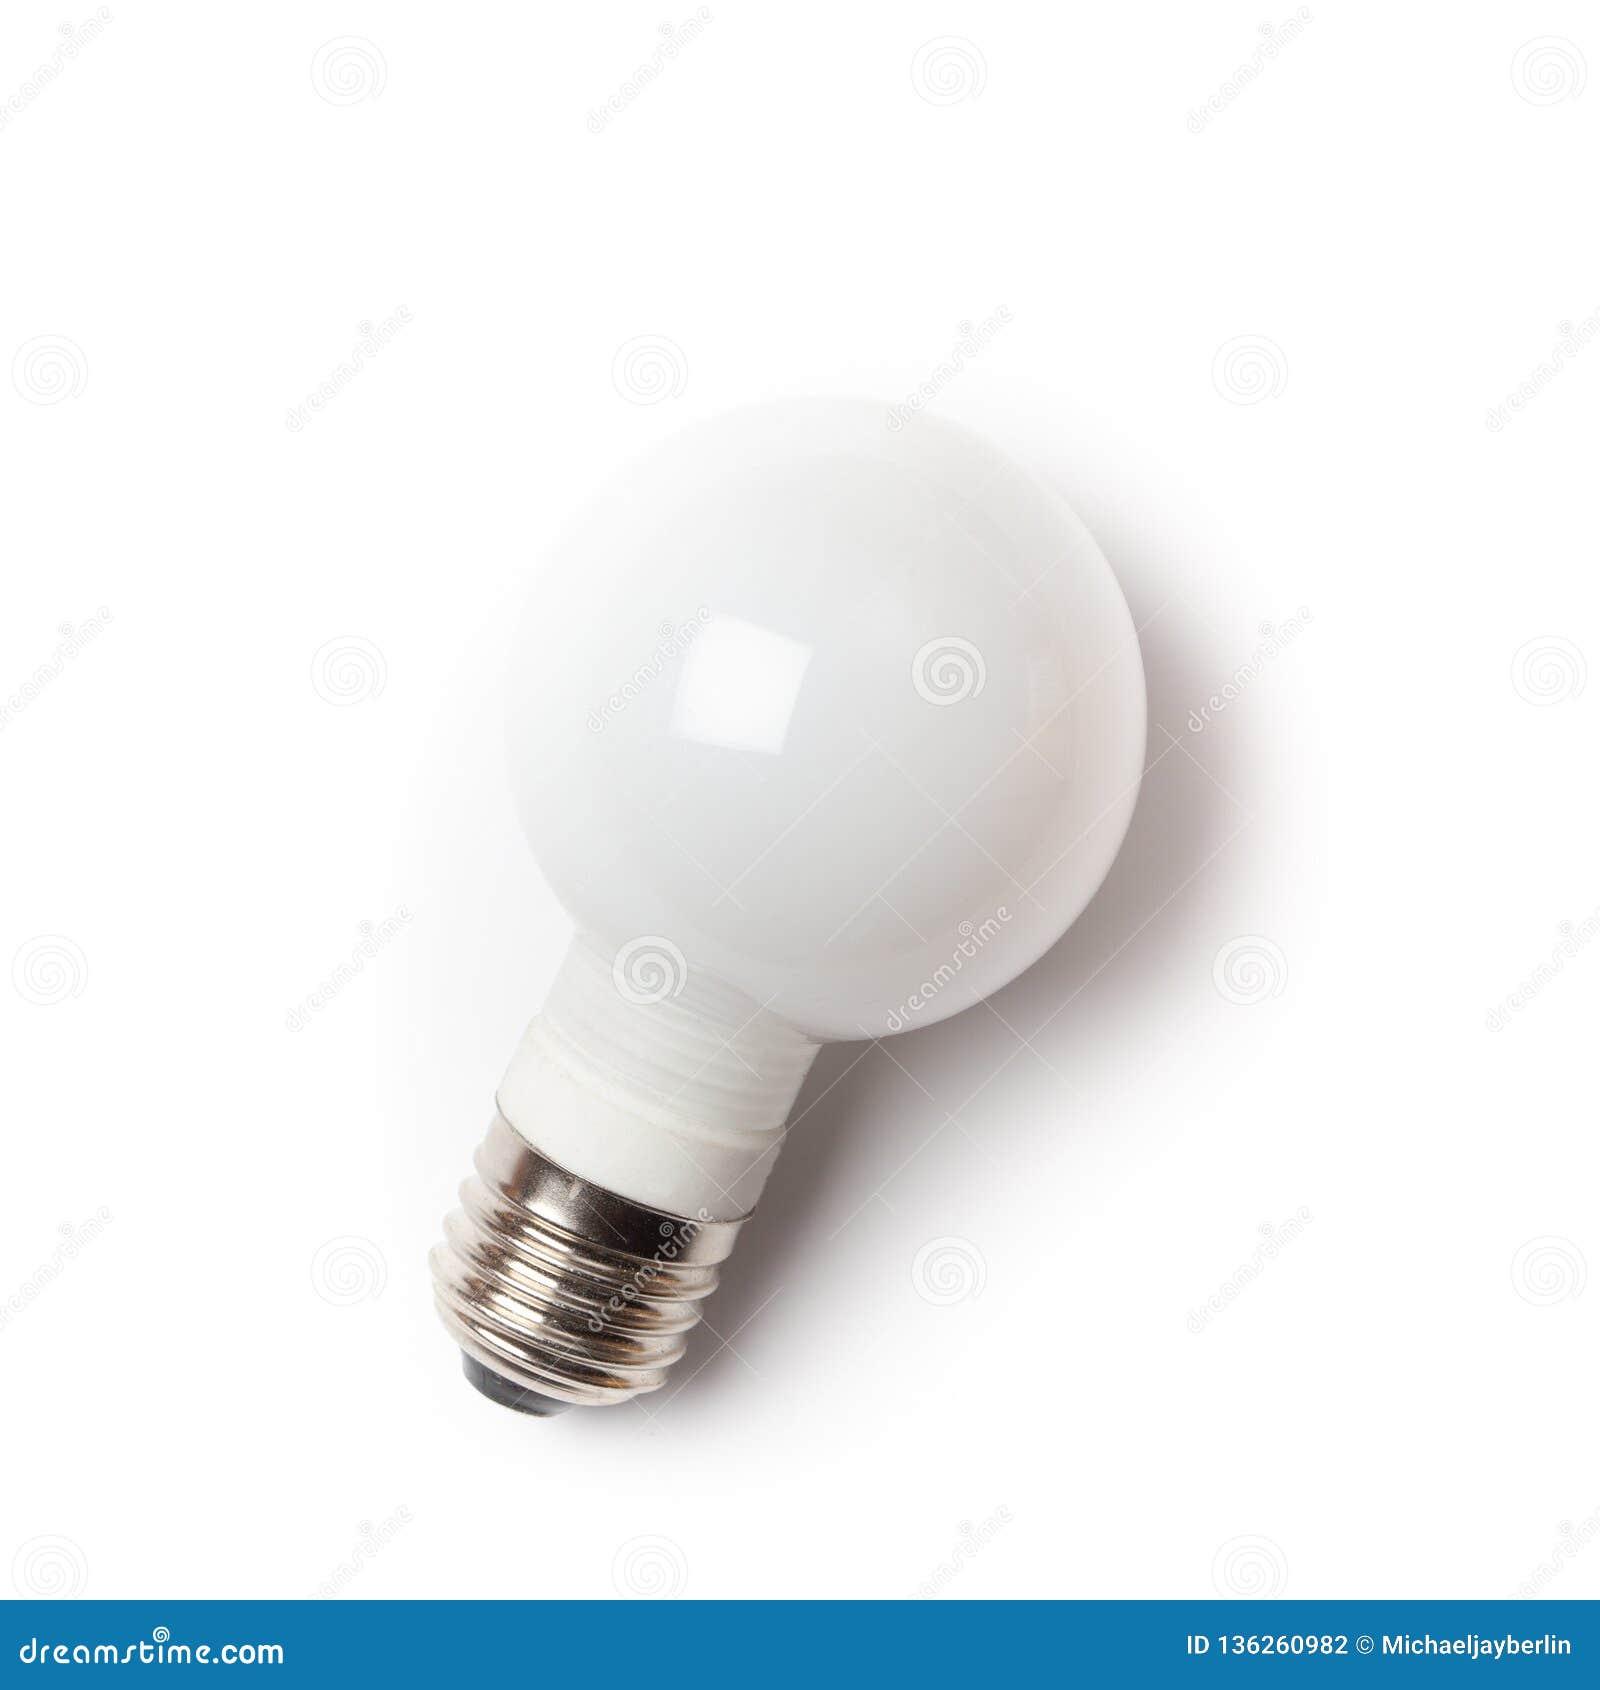 Modern LEDD energi - ljus kula för besparing i bollform